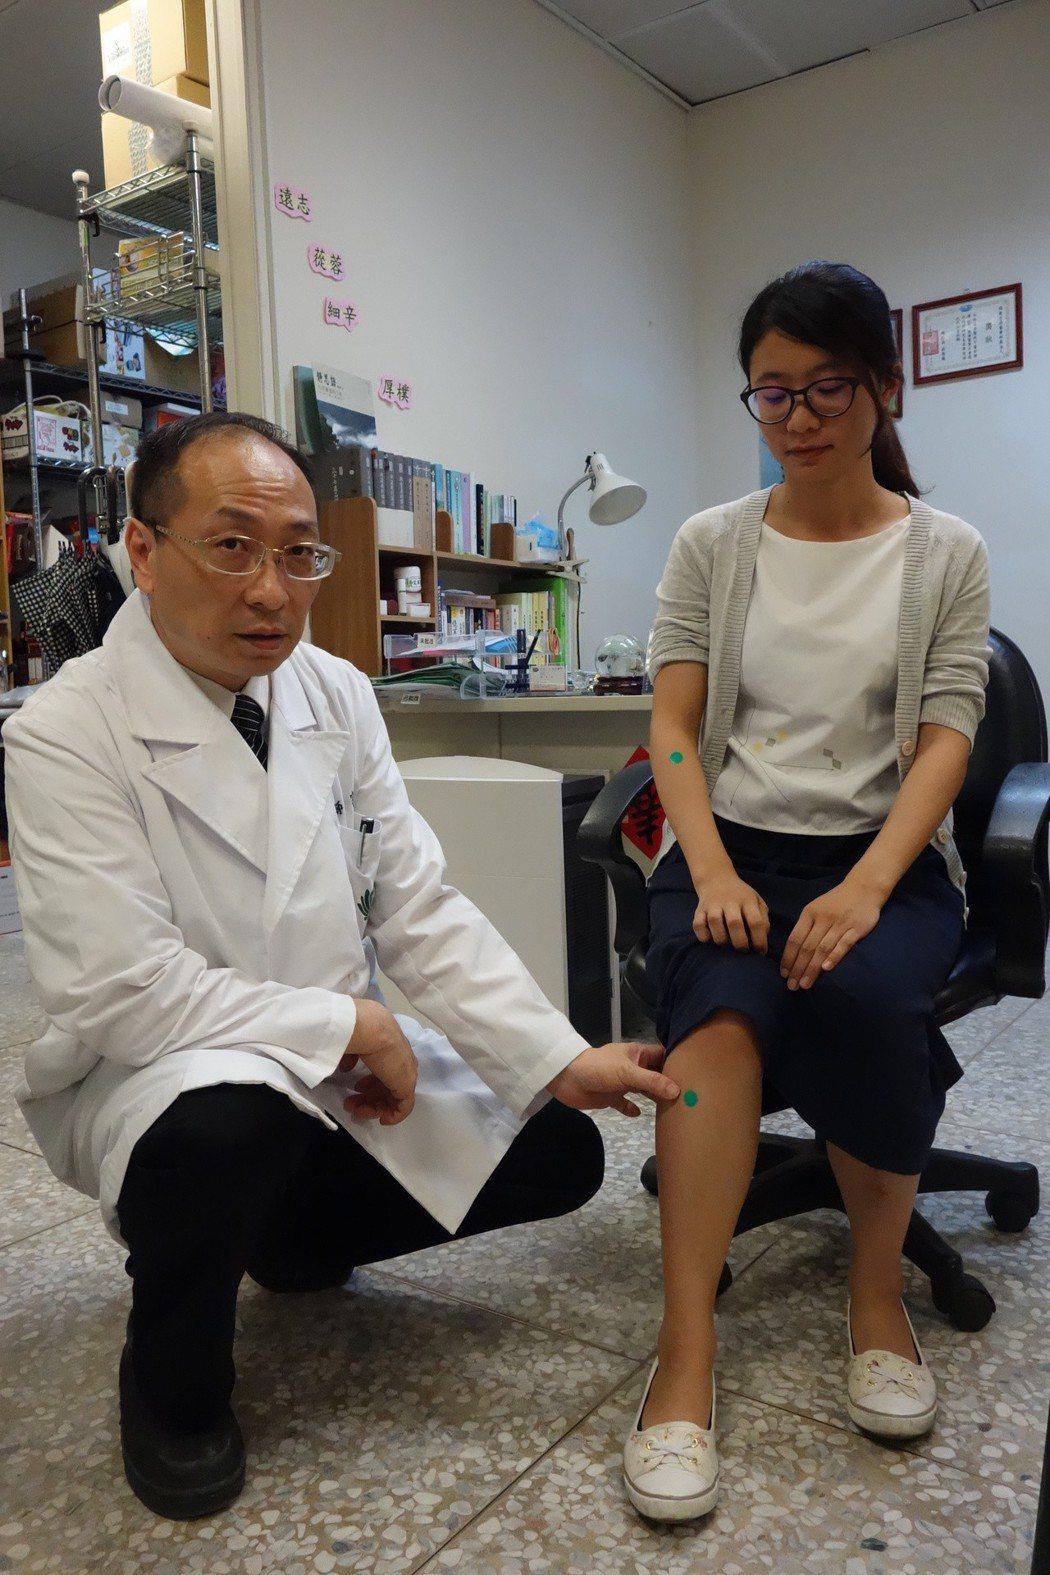 緩解災後痠痛症候群,中醫穴位按摩助恢復。圖/大林慈濟醫院提供